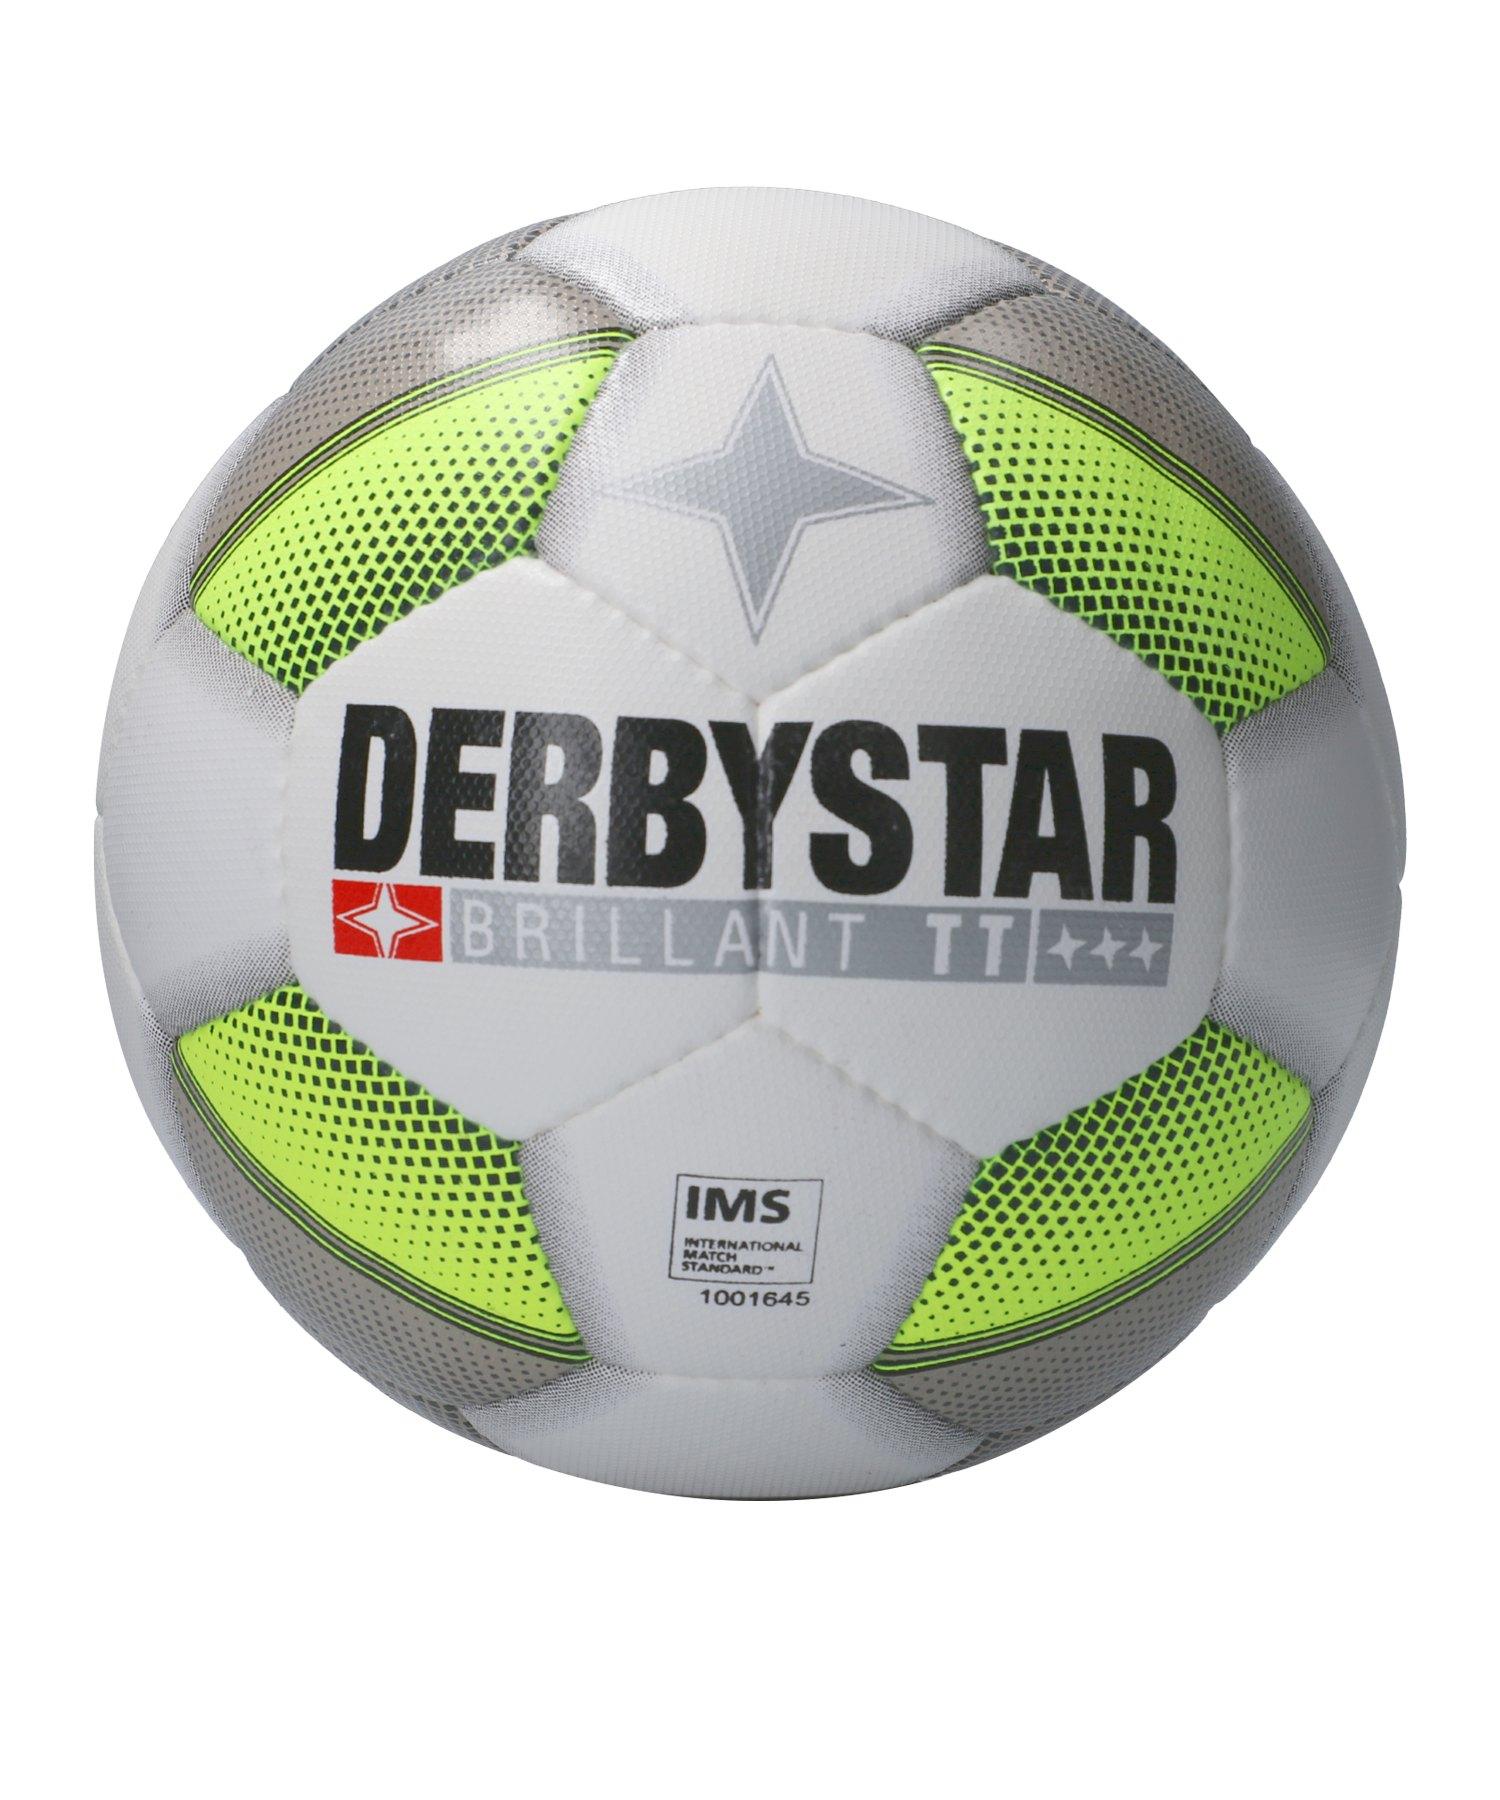 Derbystar Brillant TT DB+ Trainingsball Weiss F195 - weiss